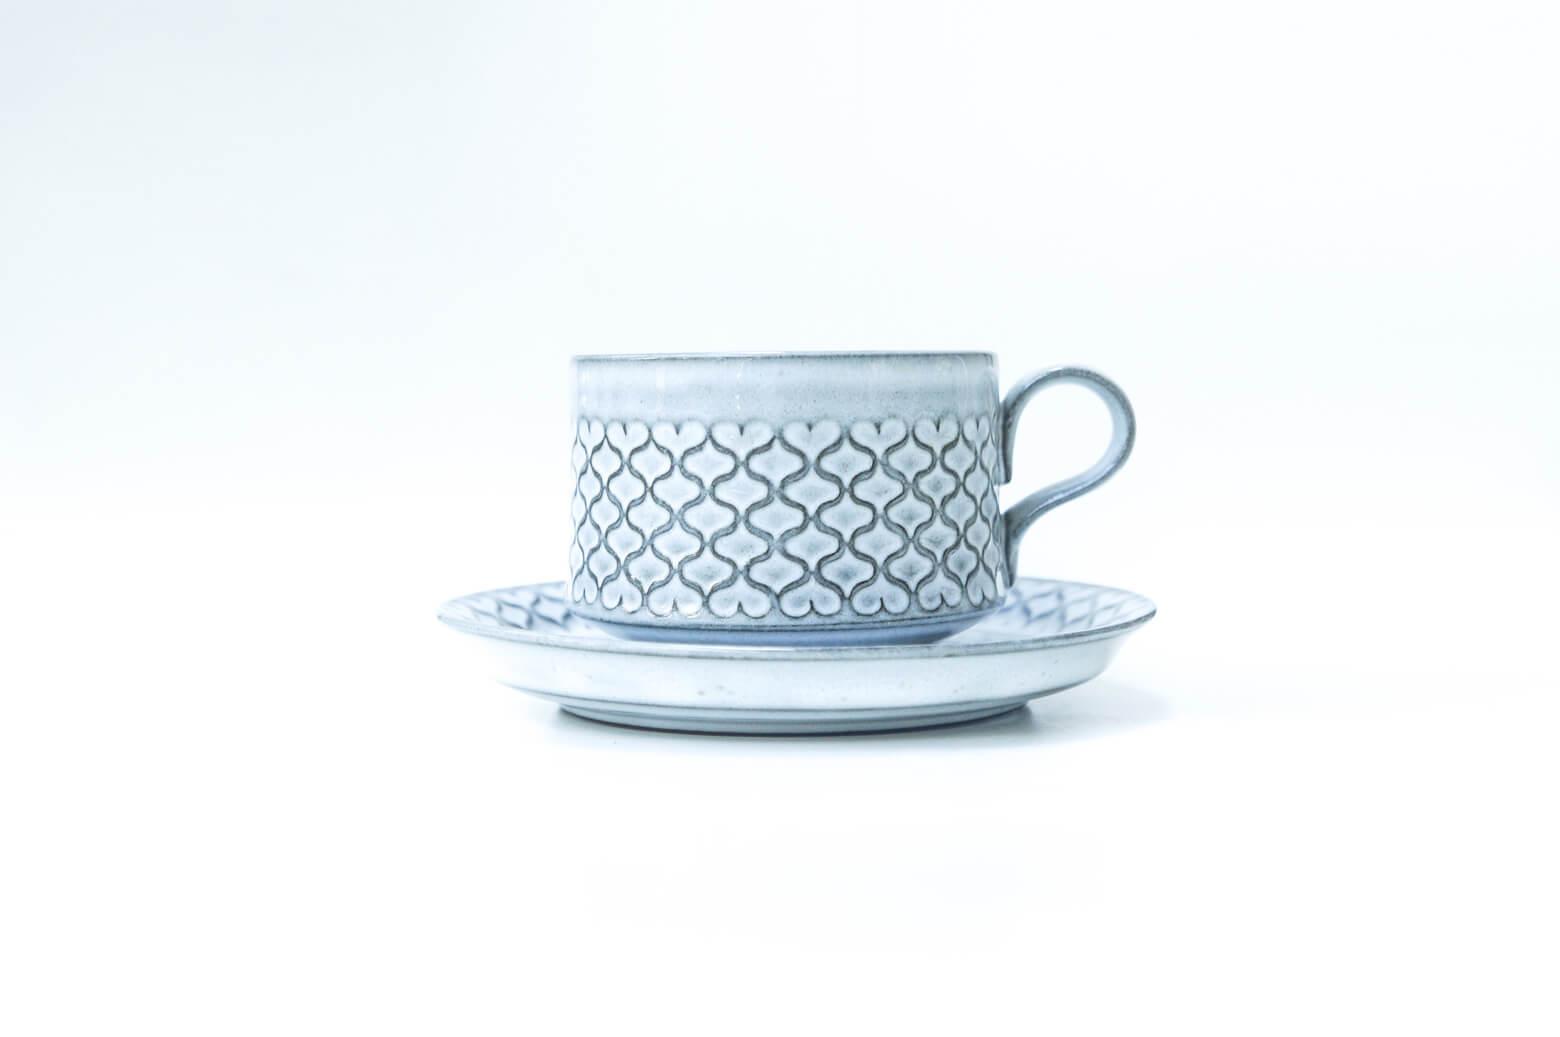 """DANSK社の創始者でありデンマークの近代デザインをリードしたデザイナー、イェンス・クイストゴーが手掛けた """"コーディアル""""シリーズのカップ&ソーサーです。 イェンス・クイストゴーは他にも、レリーフやアズールといったシリーズが有名です。 1950年代からデンマークの窯業では企業の合併や買収が盛んに行われていたため、 イェンス・クイストゴーのデザインしたものは時期によって刻印が異なります。 Kronjyden社、Nissen社、Bing & Grondahl社と会社が変わっても 生産され続けた人気の高いシリーズのひとつです。 """"コーディアル""""とはデンマーク語で""""真心""""や""""心からの""""という意味を持ち、 その名前の通り、実はハートがモチーフになっています。 ハート柄と言っても、決して甘くなりすぎず、落ち着いた雰囲気があります。 イェンス・クイストゴーは和食器からも影響を受けたと言われており、 こちらの""""コーディアル""""も日本の食卓にも自然と溶け込むようなデザインになっています。 北欧のヴィンテージ食器は分厚く少し重みがあるものが多いですが、 イェンス・クイストゴーのデザインのものはどれも厚すぎることなく、 手にすっと馴染むようなものばかりです。 お茶の時間が待ち遠しくなるような、素敵なヴィンテージ食器で、 ゆっくりとした時間を過ごしてみてはいかがでしょうか ~【東京都杉並区阿佐ヶ谷北アンティークショップ 古一/ZACK高円寺店】 古一/ふるいちでは出張無料買取も行っております。杉並区周辺はもちろん、世田谷区・目黒区・武蔵野市・新宿区等の東京近郊のお見積もりも!ビンテージ家具・インテリア雑貨・ランプ・USED品・ リサイクルなら古一/フルイチへ~"""